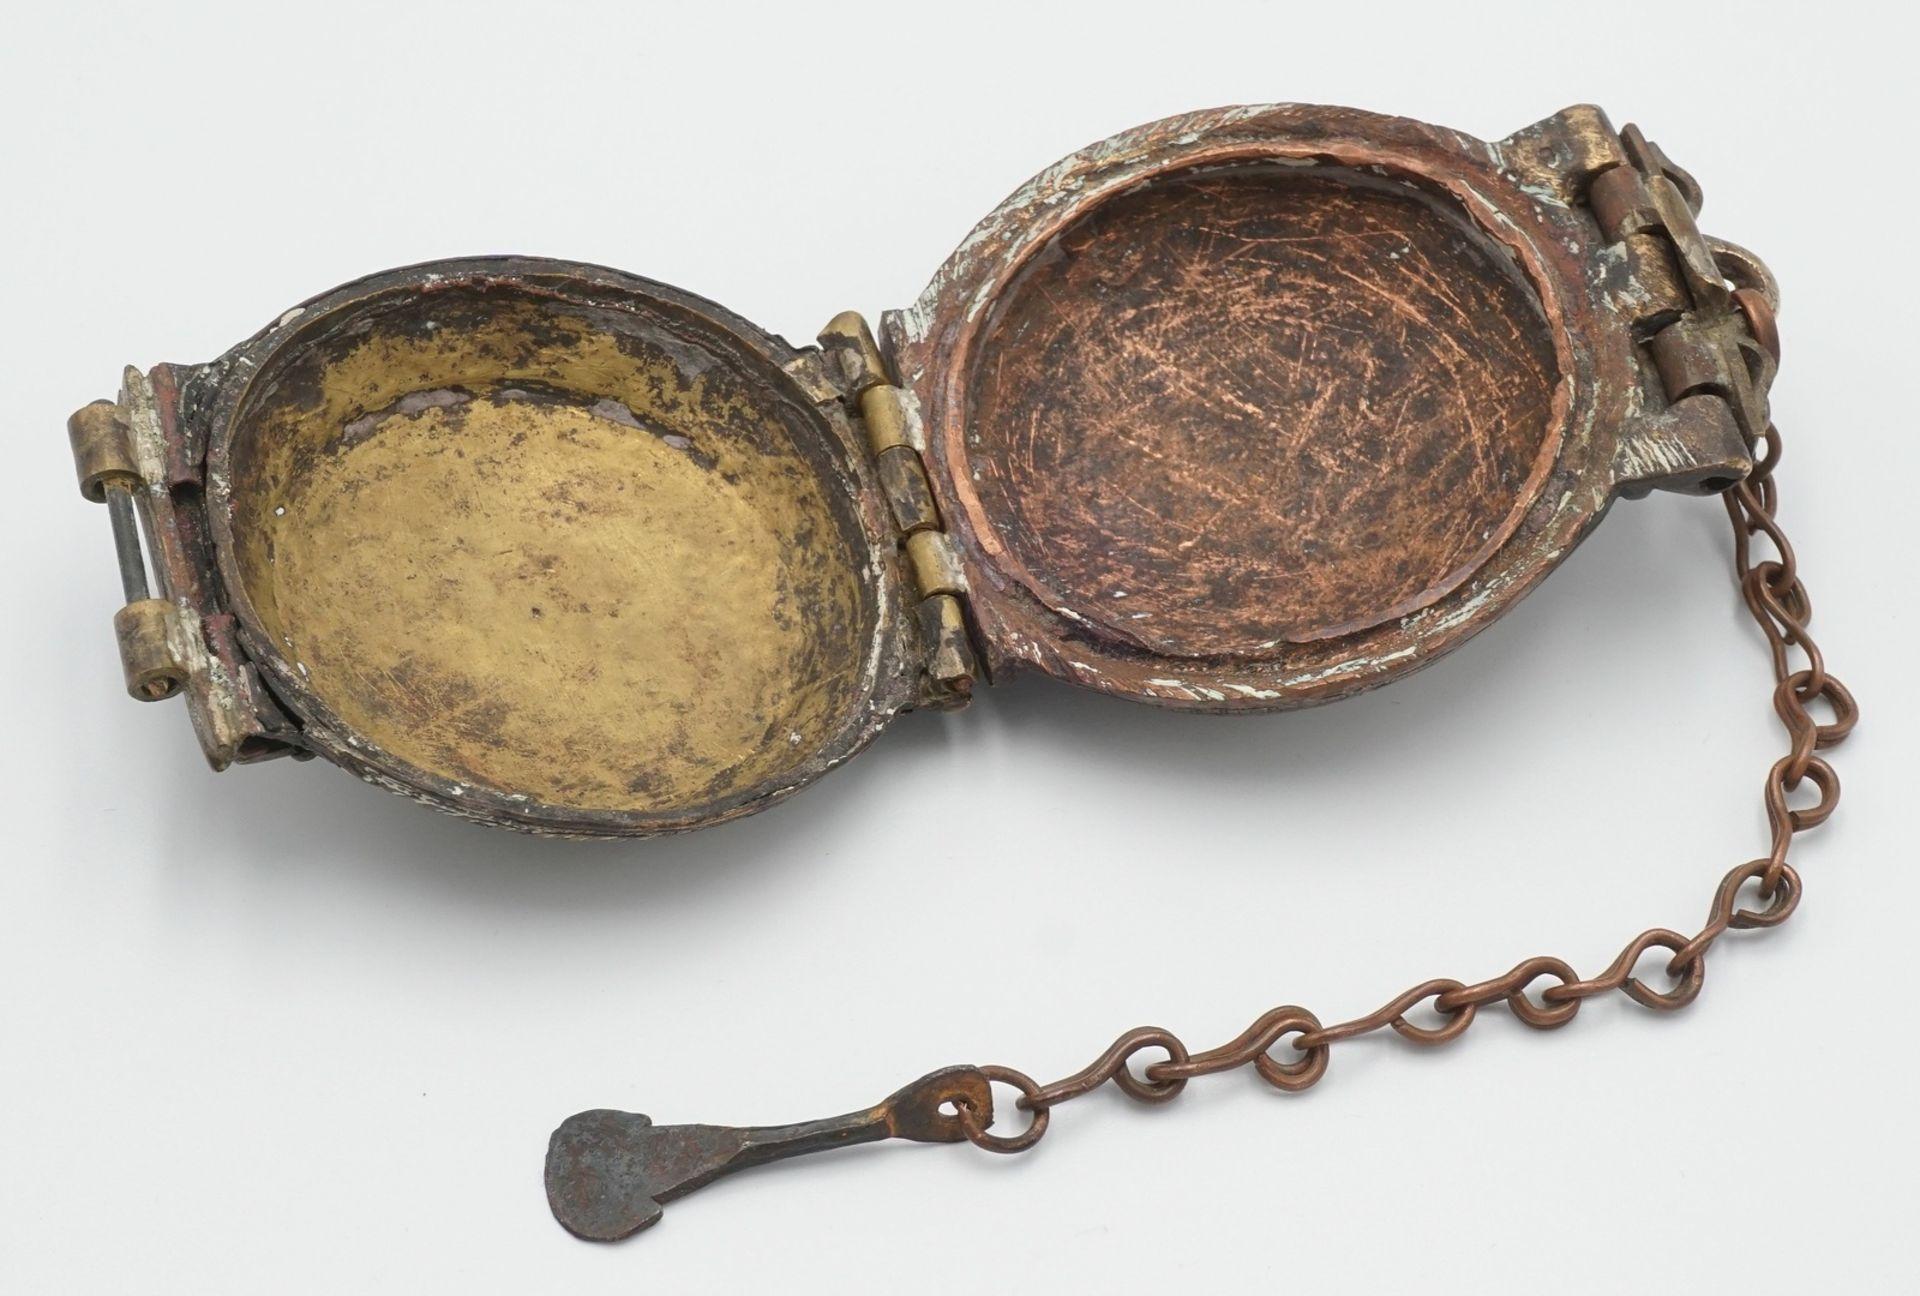 Liturgisches Gefäß / Deckeldose mit Spatel, Tibet, 19. Jh. - Bild 3 aus 4